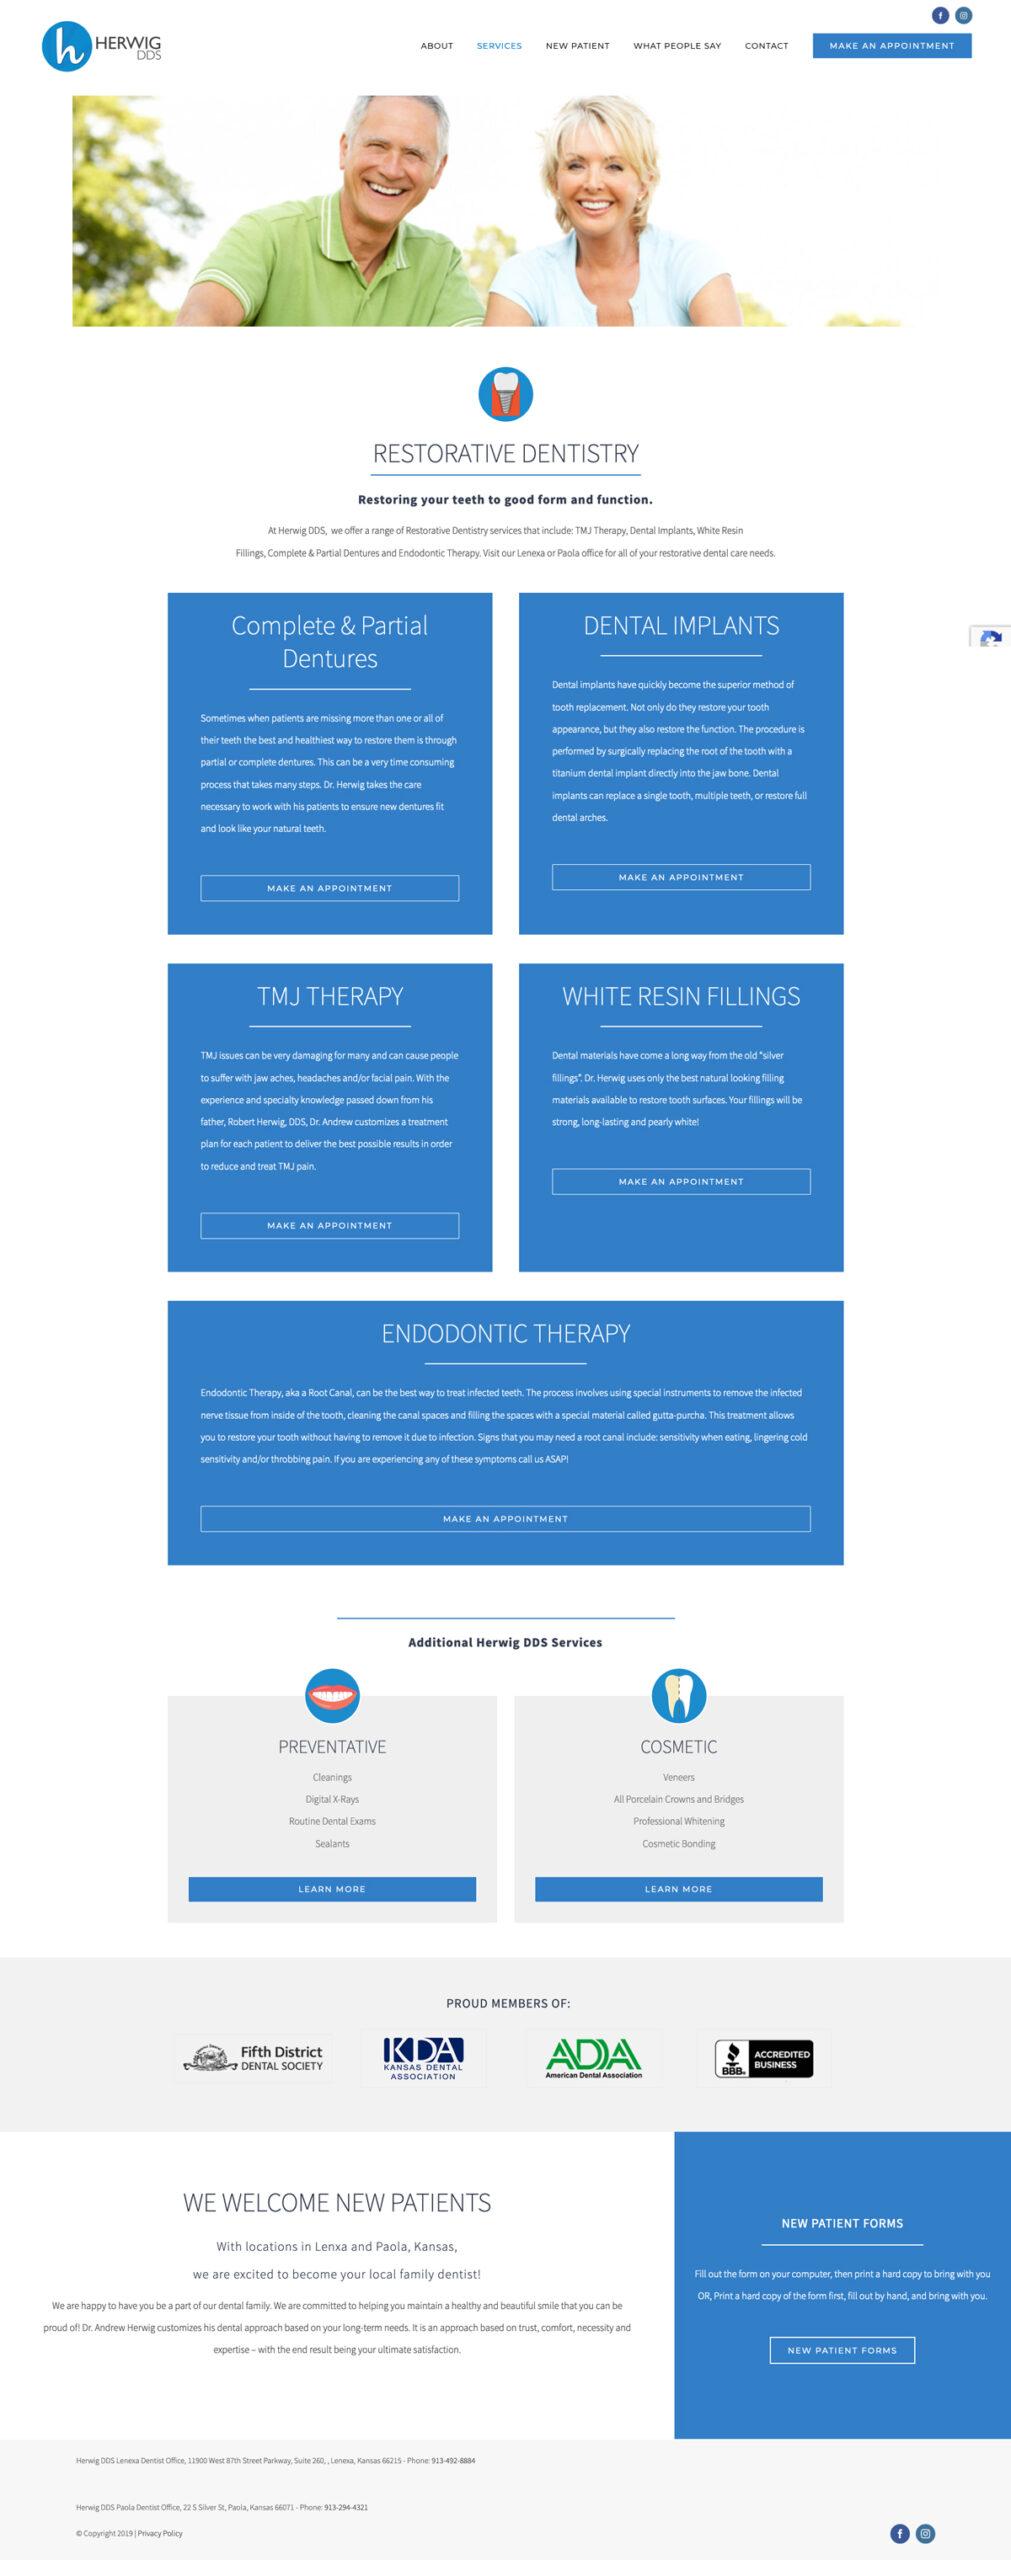 Web Design for Herwig, DDS resorative dentistry